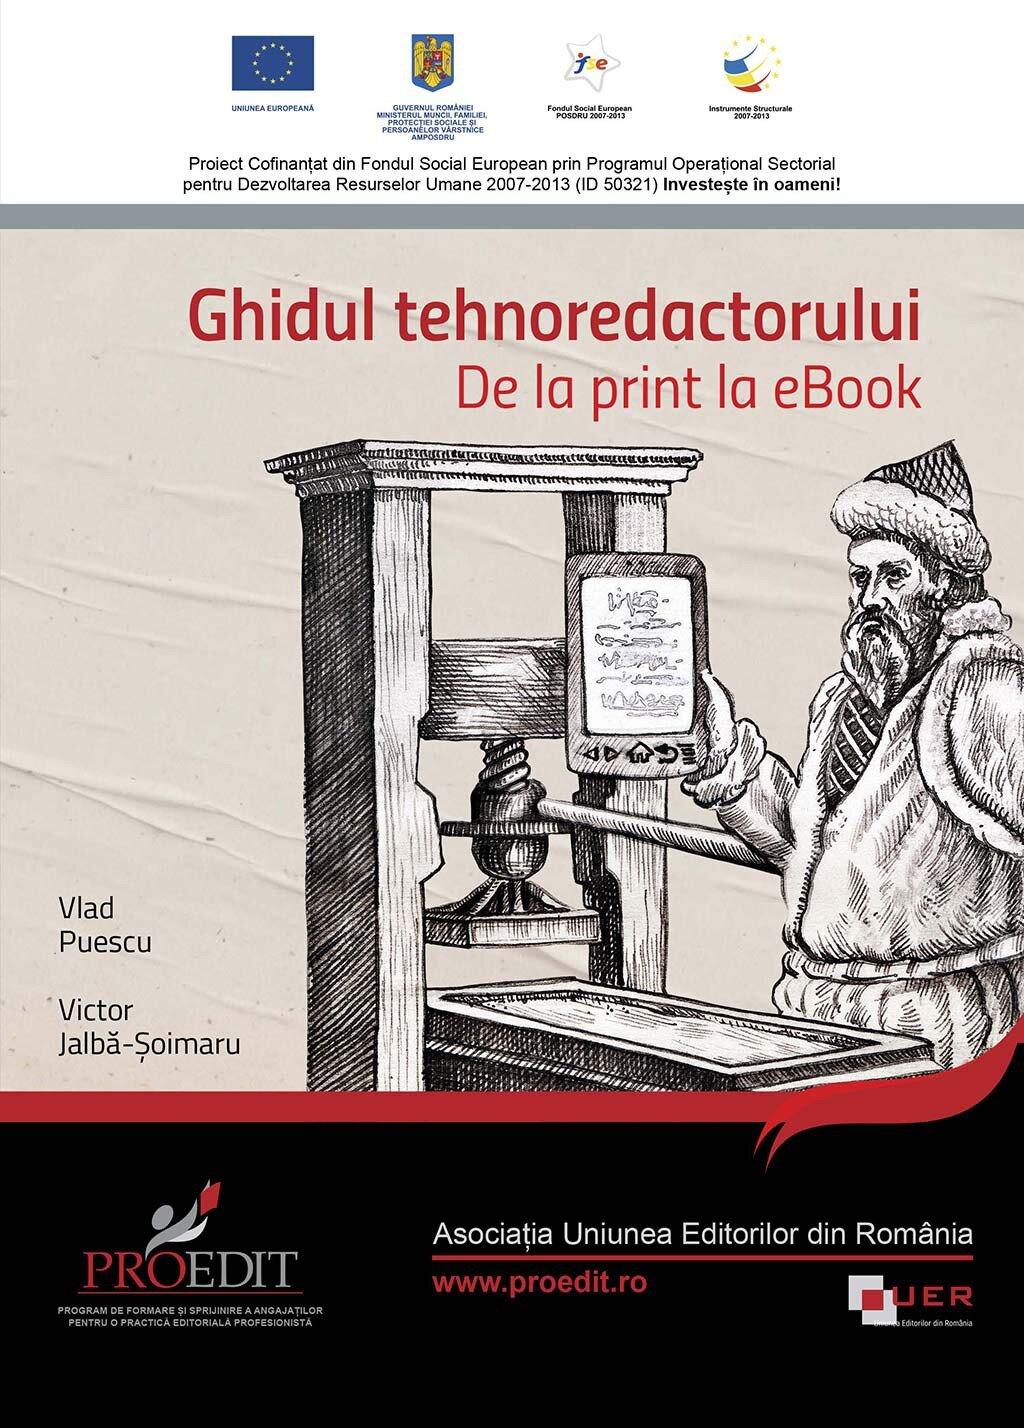 Ghidul tehnoredactorului. De la print la eBook (eBook)